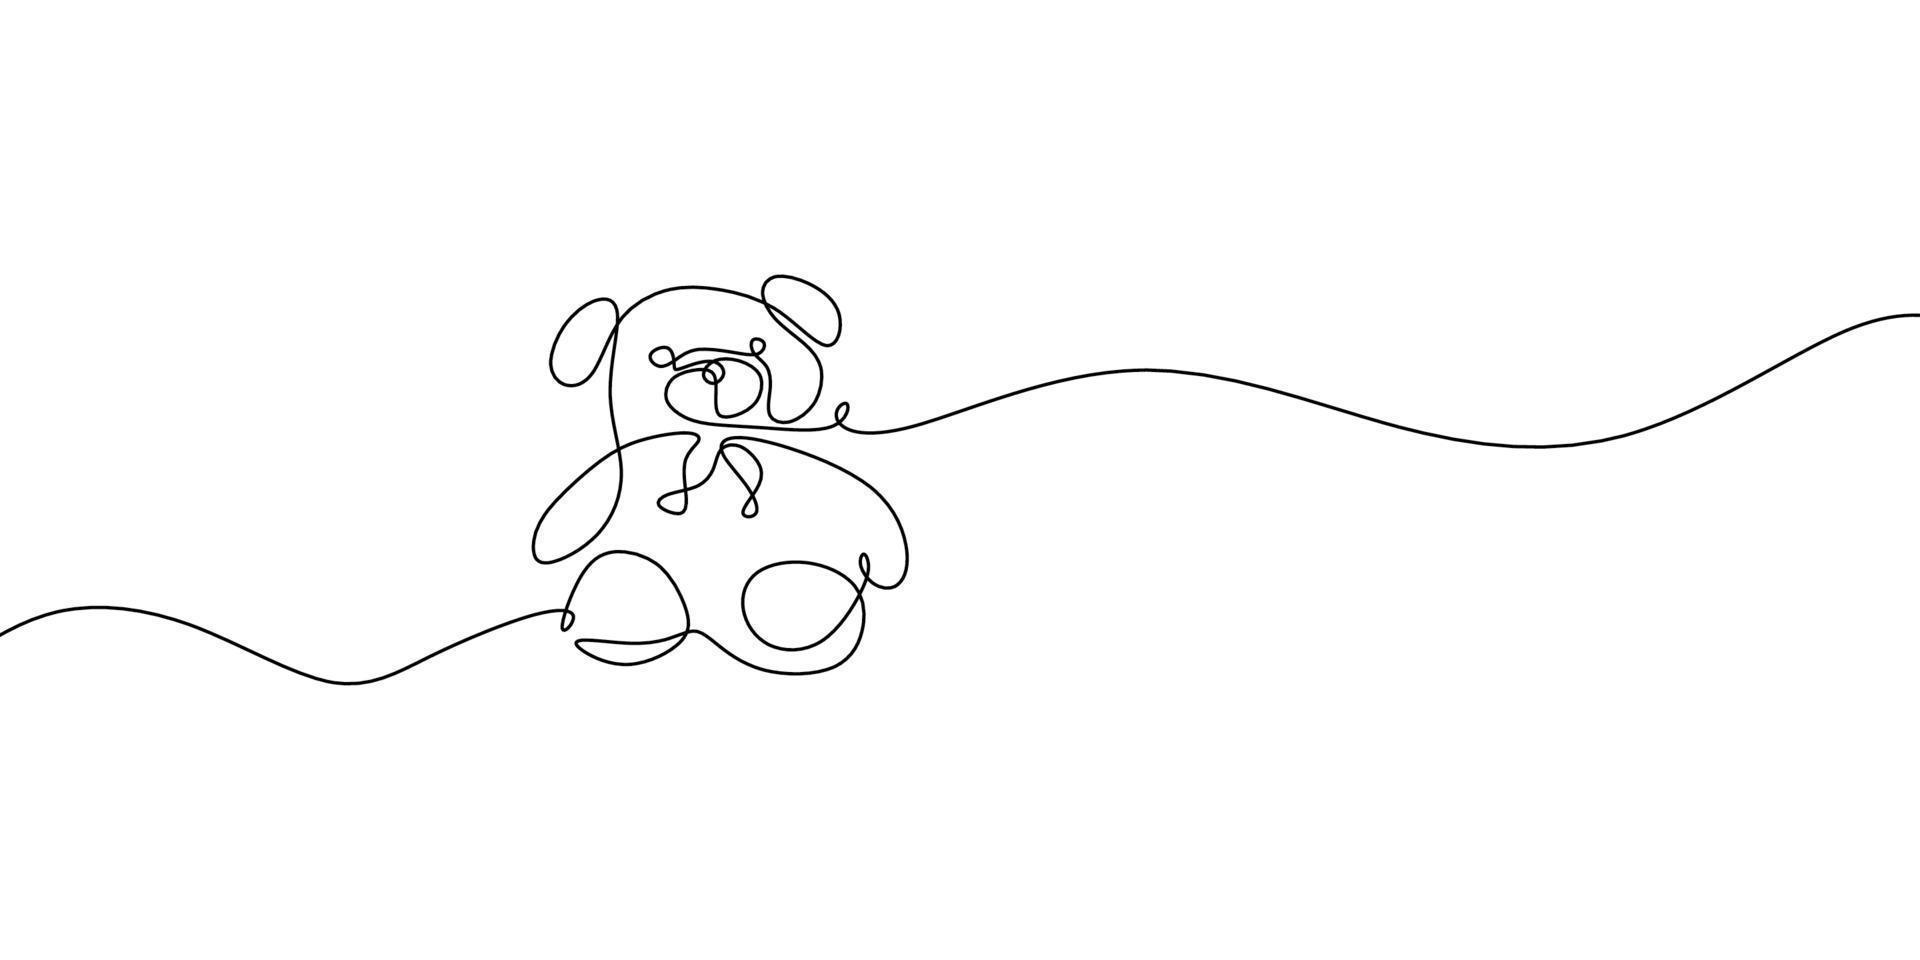 urso de pelúcia com uma única linha preta em um fundo branco. desenho de uma linha. linha contínua. fofo urso de pelúcia é o mascote da menina. ursinho de pelúcia sentado na cama. vetor